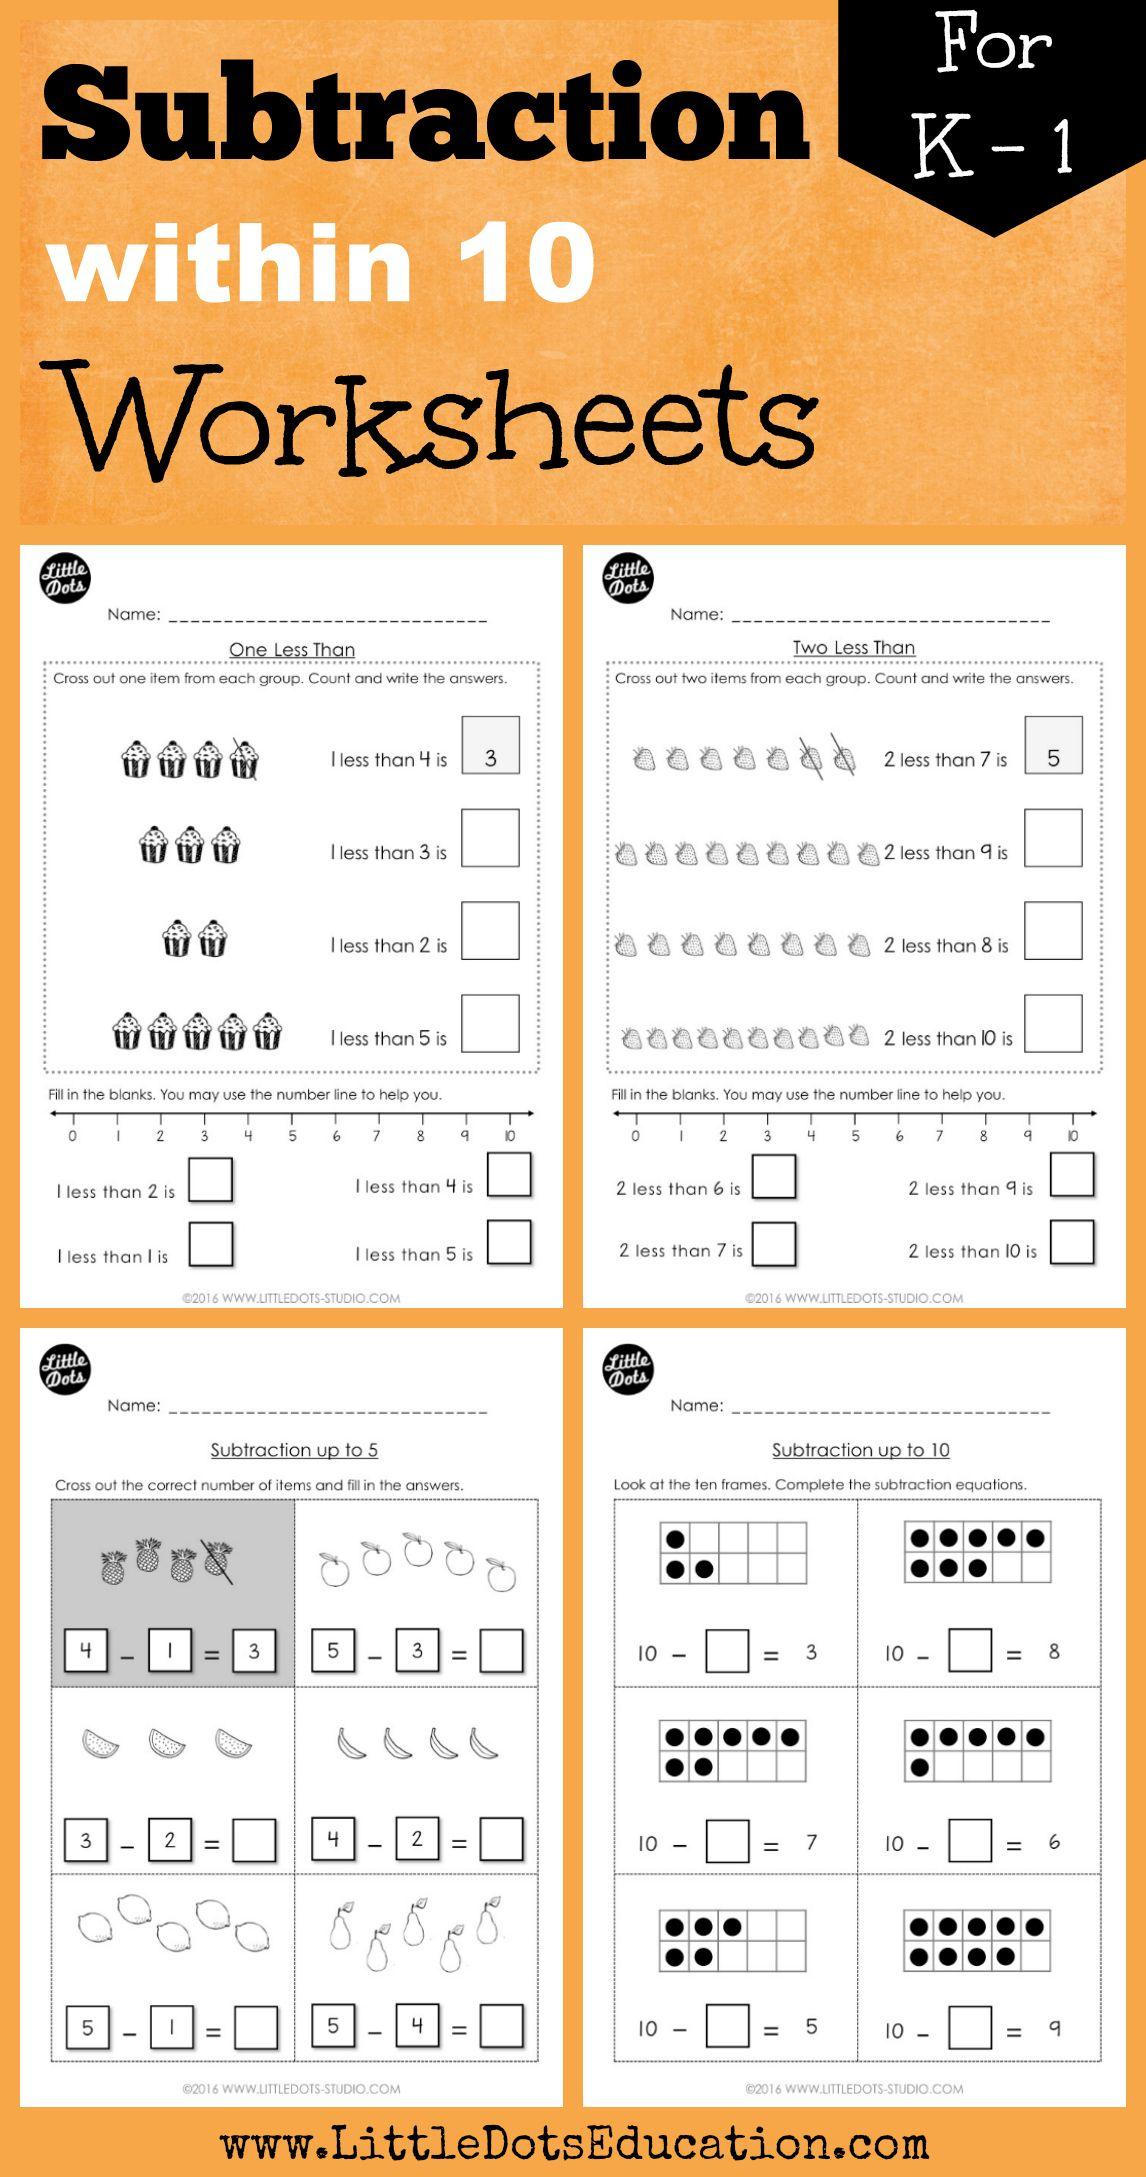 Kindergarten Subtraction Worksheets And Activities First Grade Math Worksheets Kindergarten Subtraction Worksheets Subtraction Kindergarten [ 2177 x 1146 Pixel ]